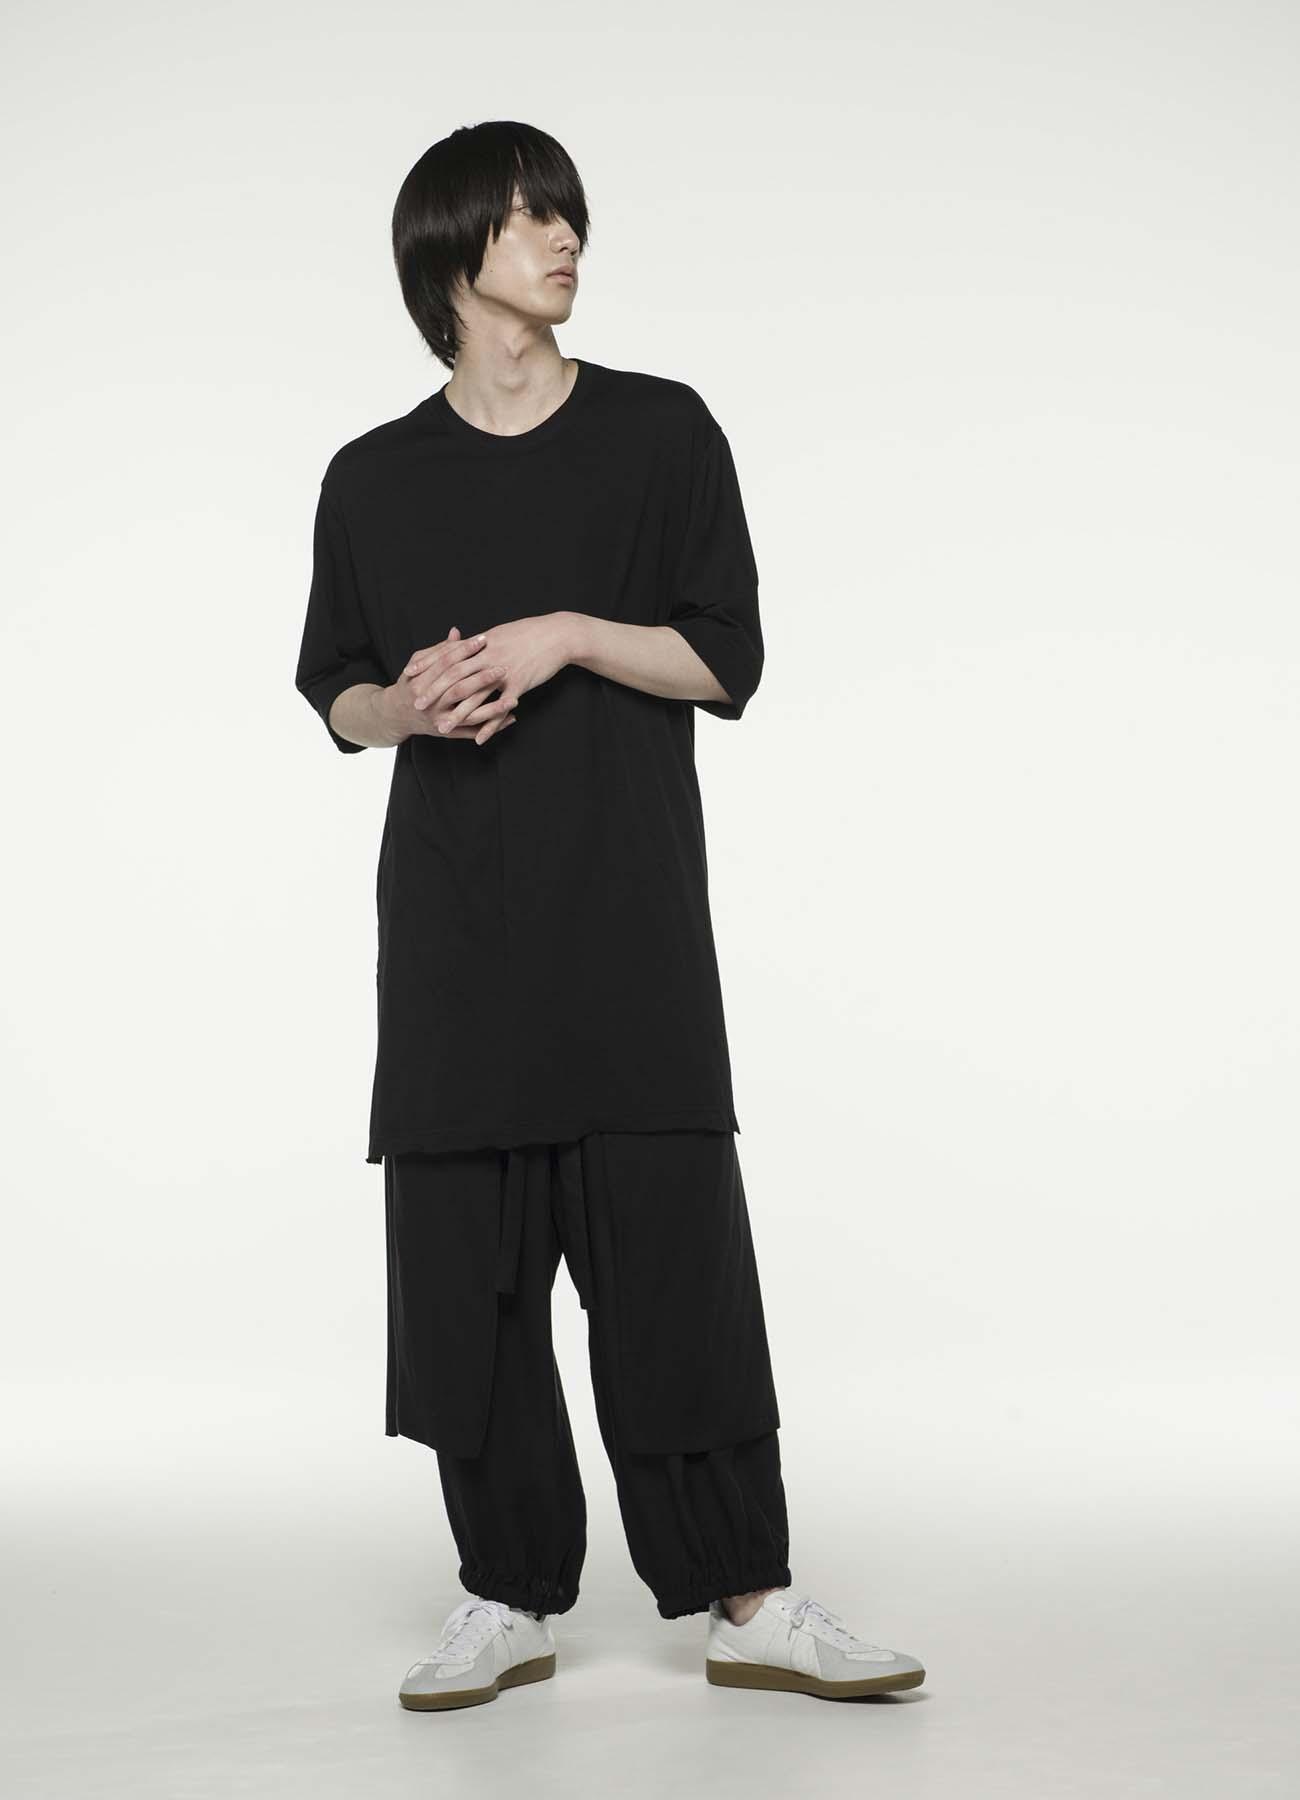 纯棉人造丝细平纹袖罗纹不规则长T恤